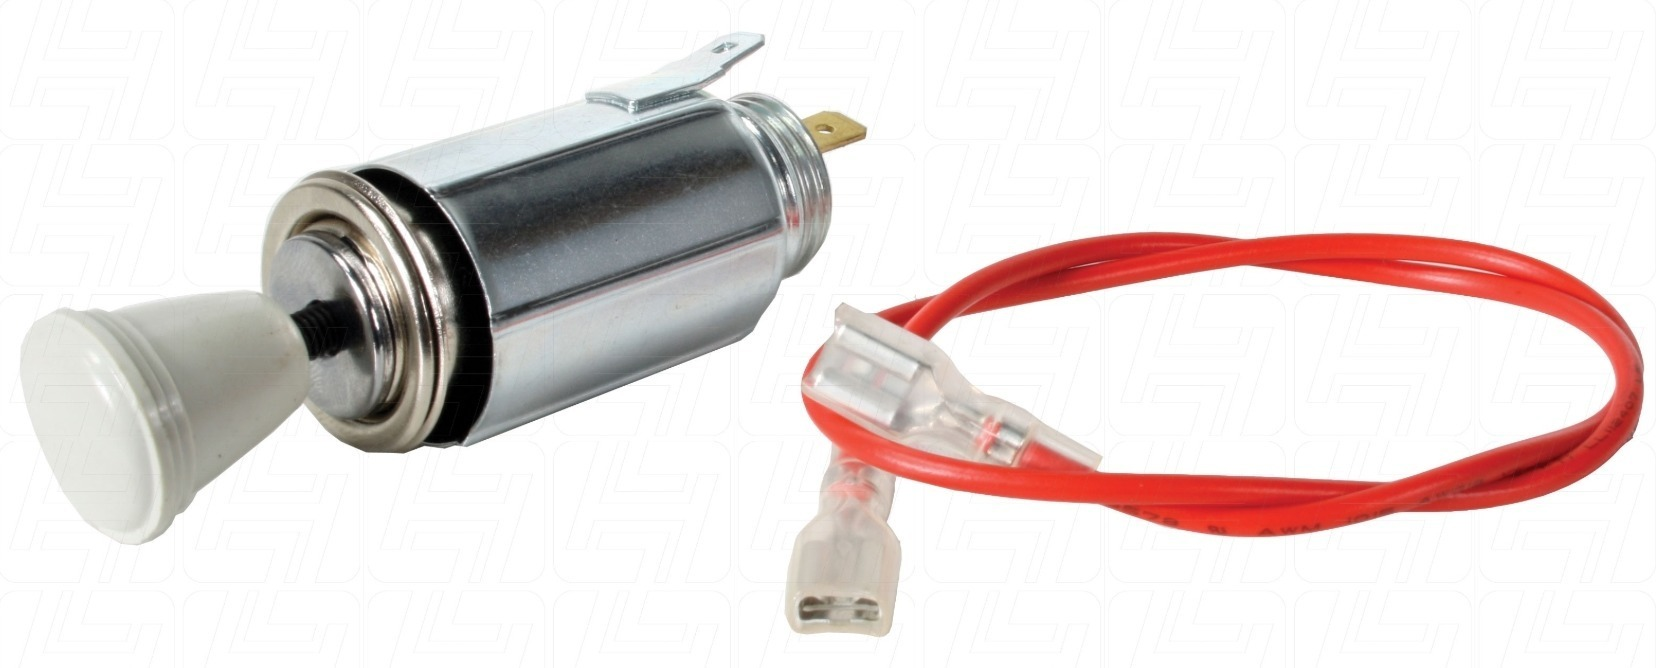 12 Cigarette Lighter & Plug (Grey)